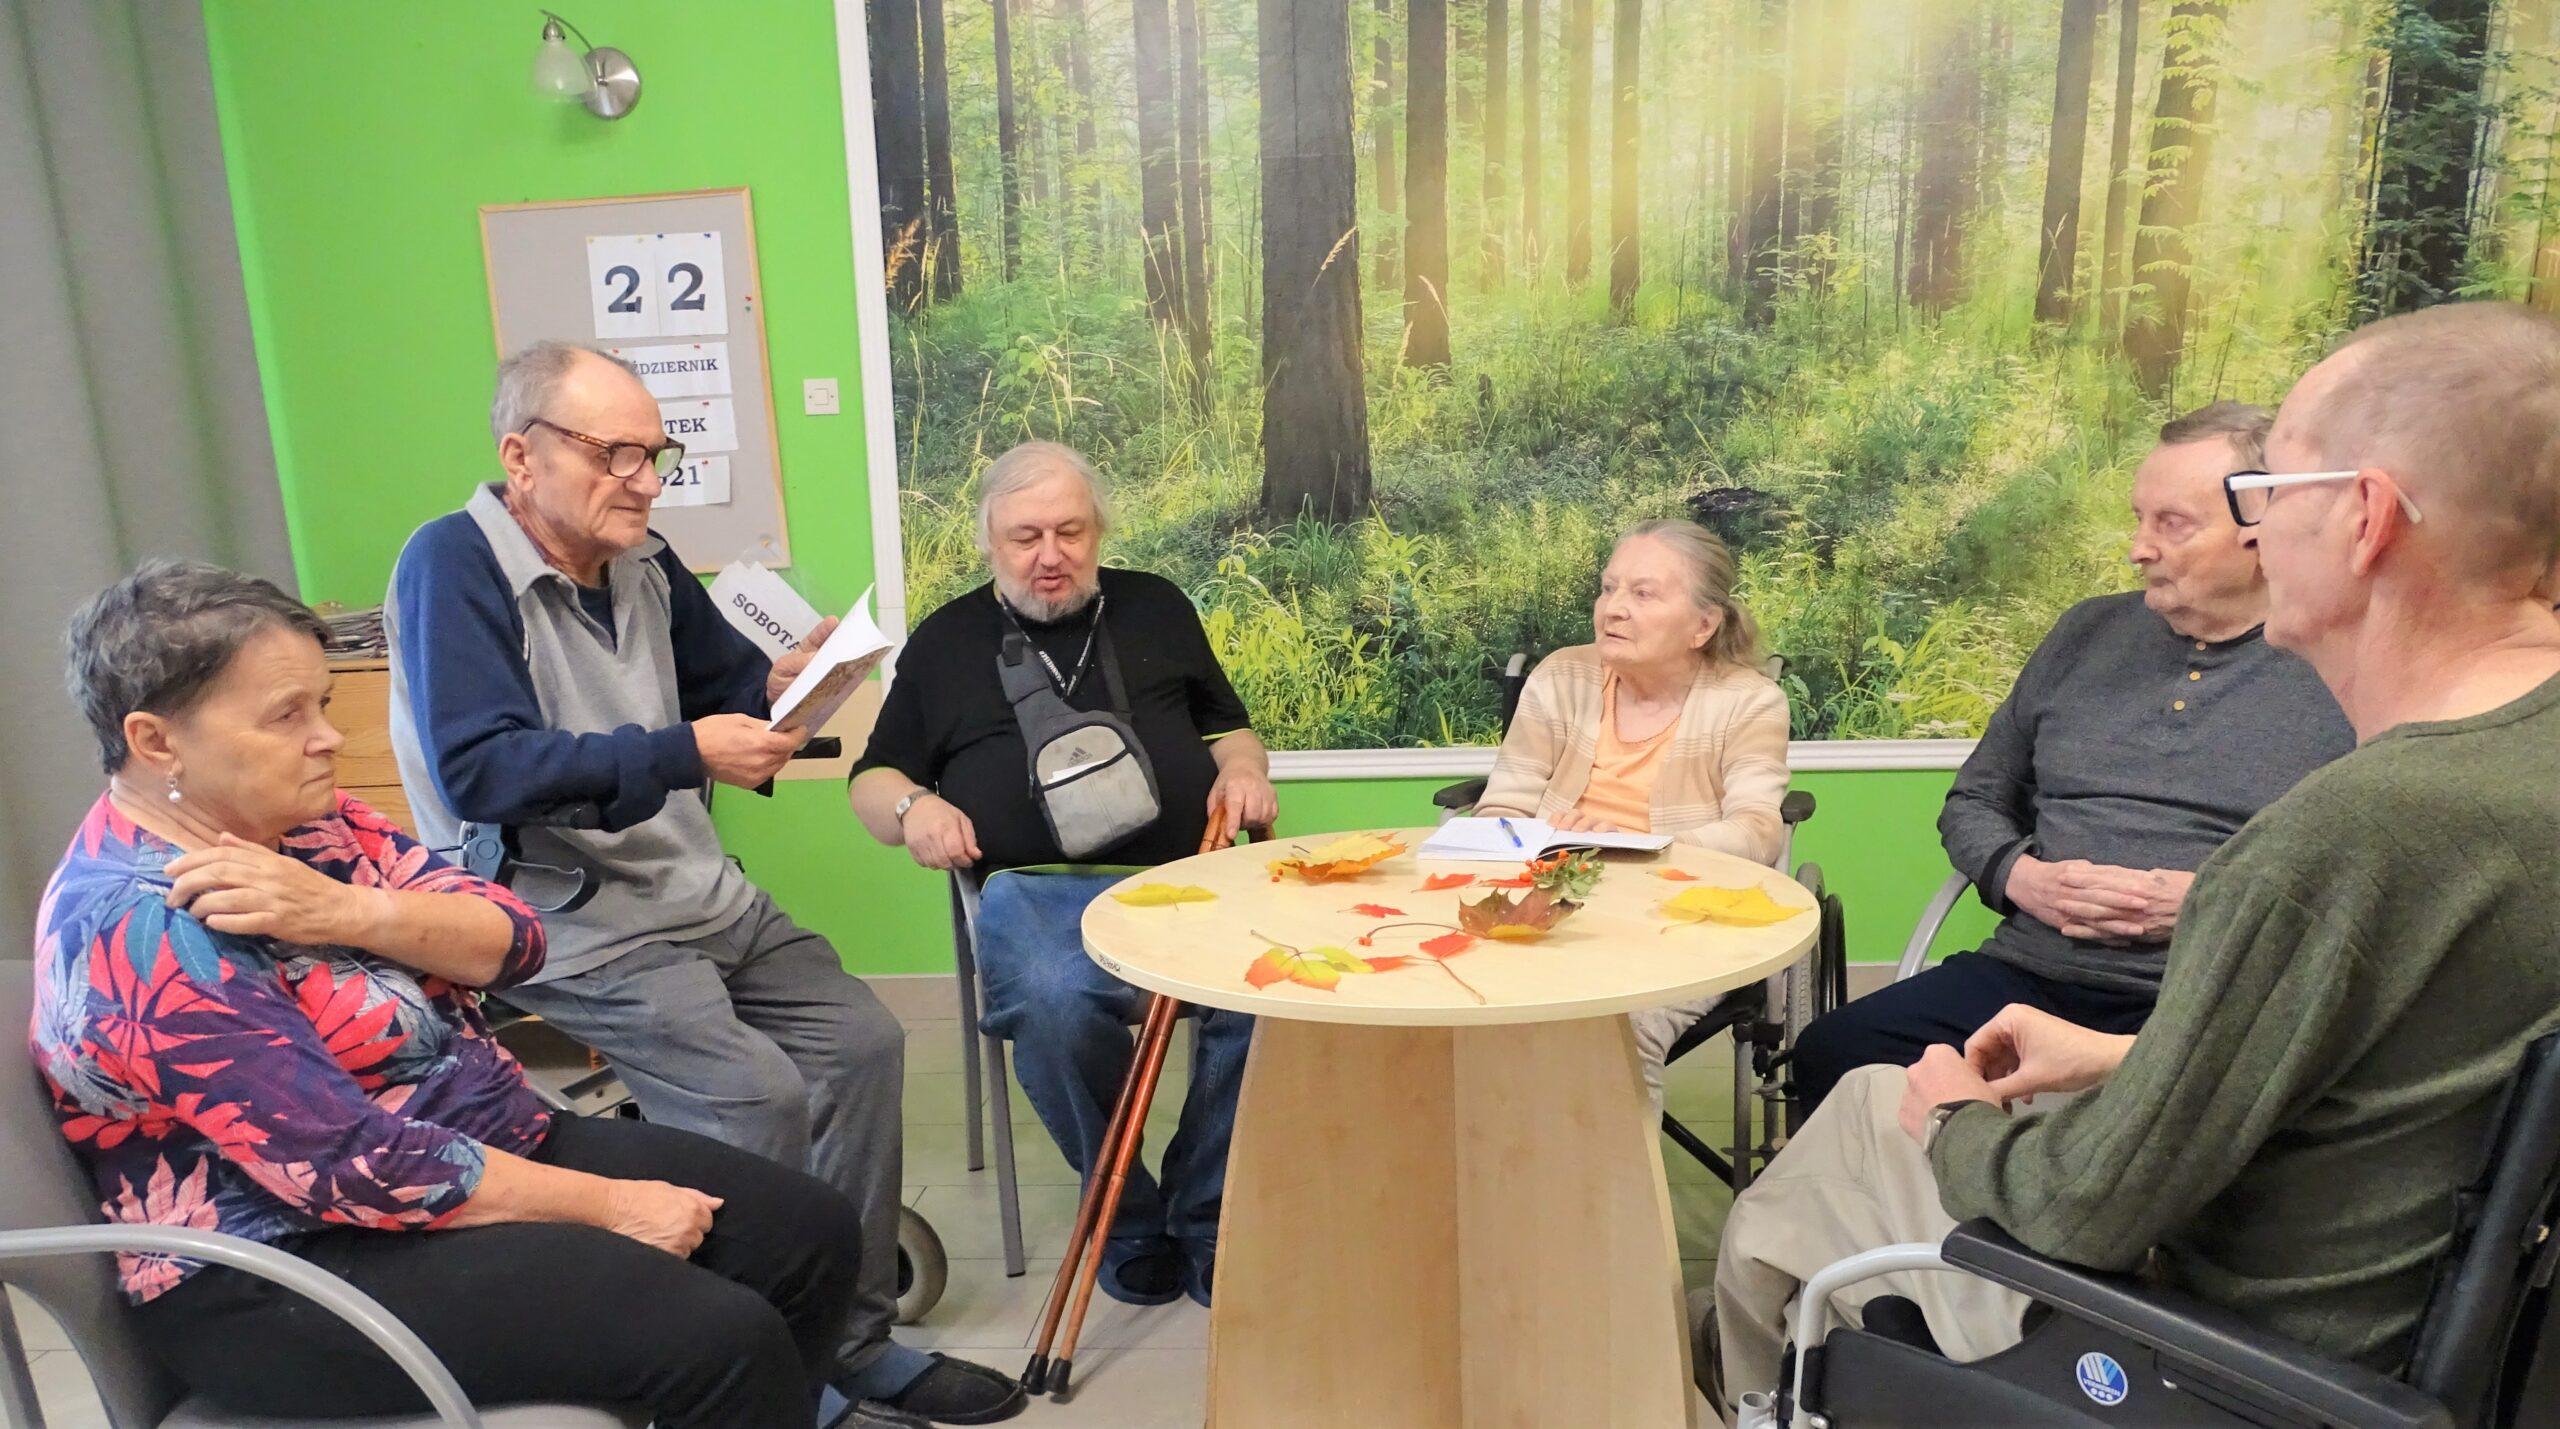 Grupa Mieszkańców siedzi przy stole ozdobionym jesiennymi liśćmi